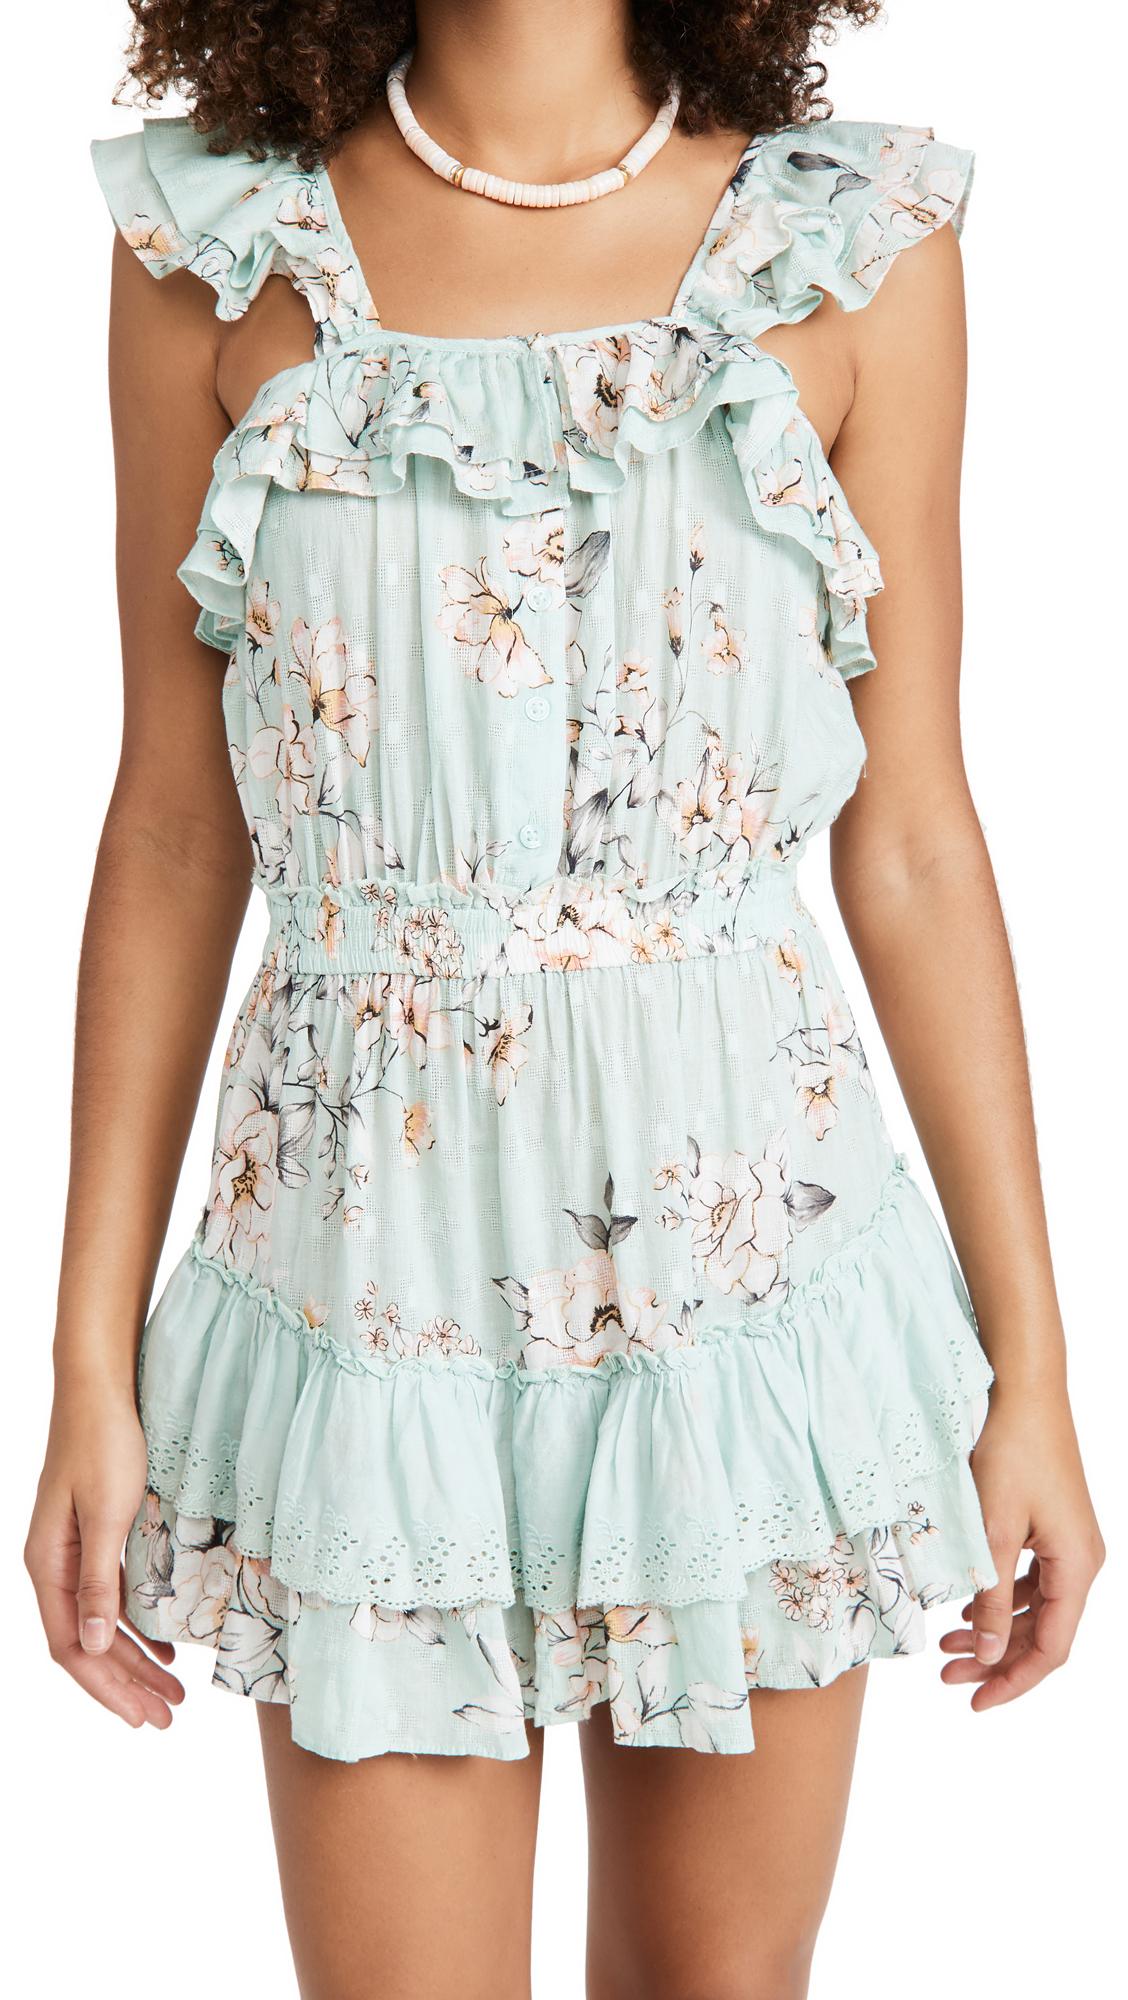 PQ Swim Cate Ruffle Dress